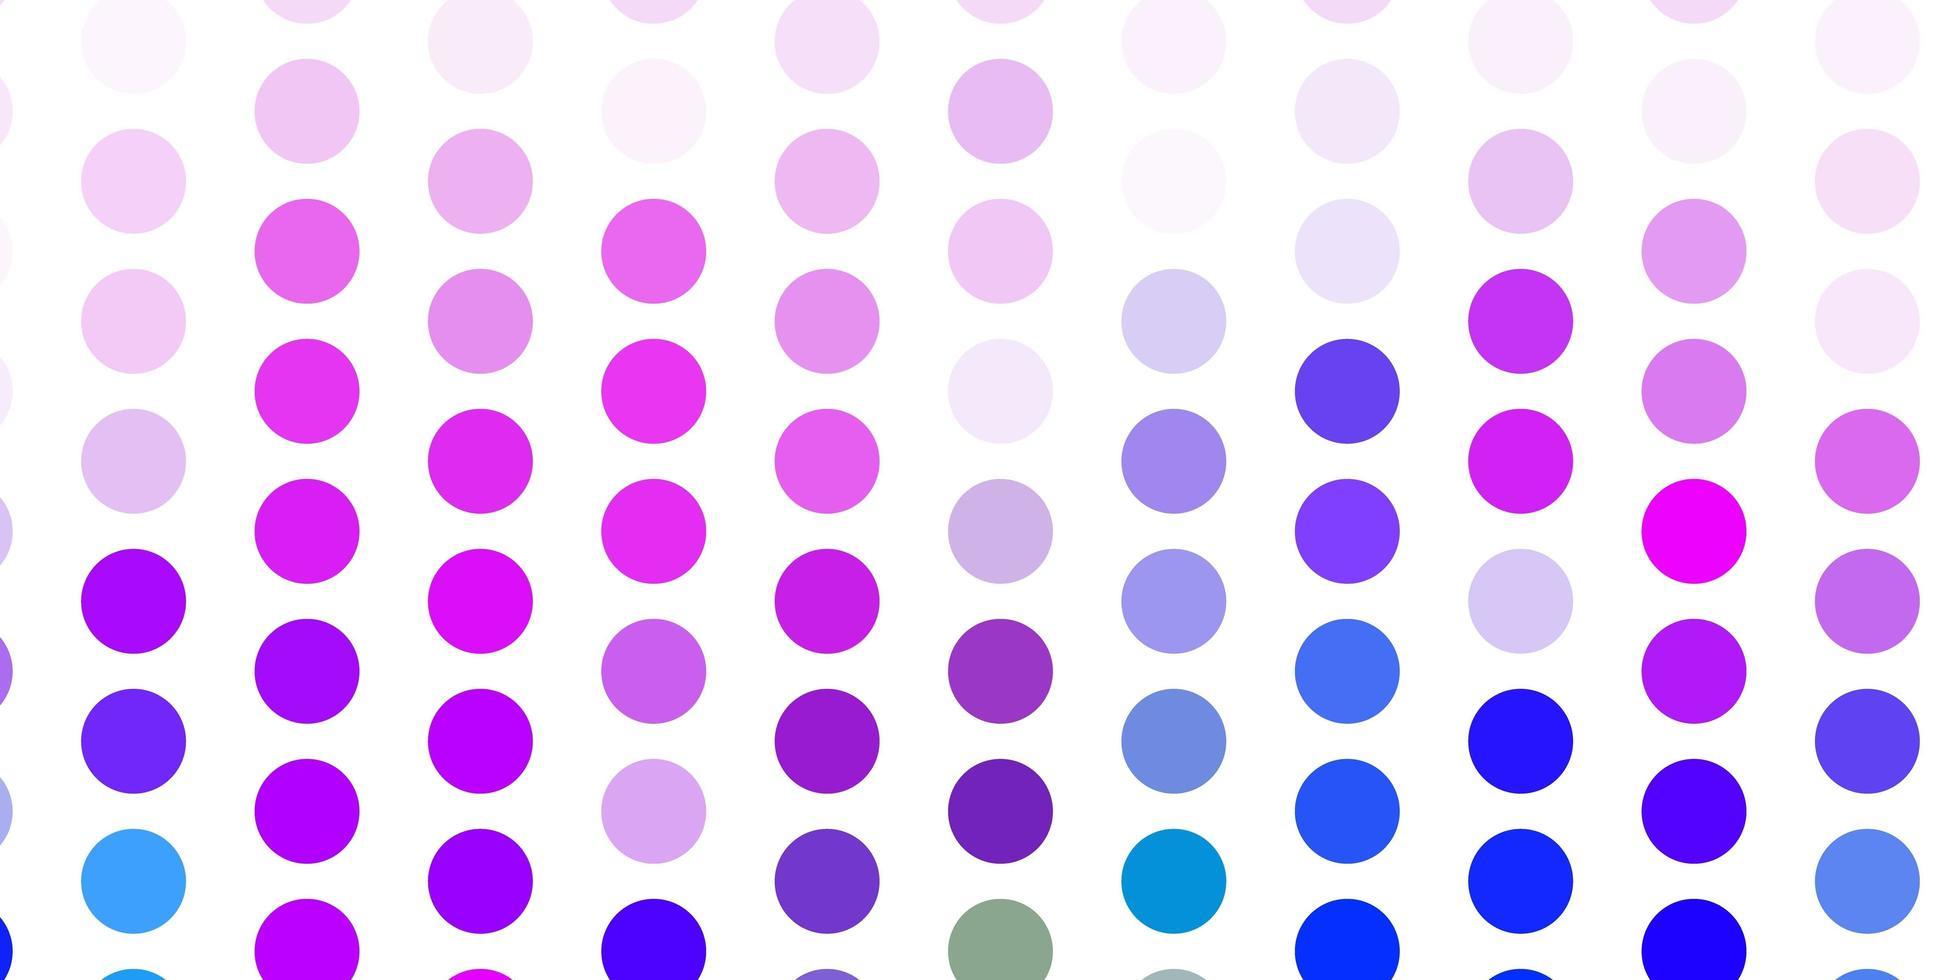 layout de vetor rosa claro, azul com formas de círculo